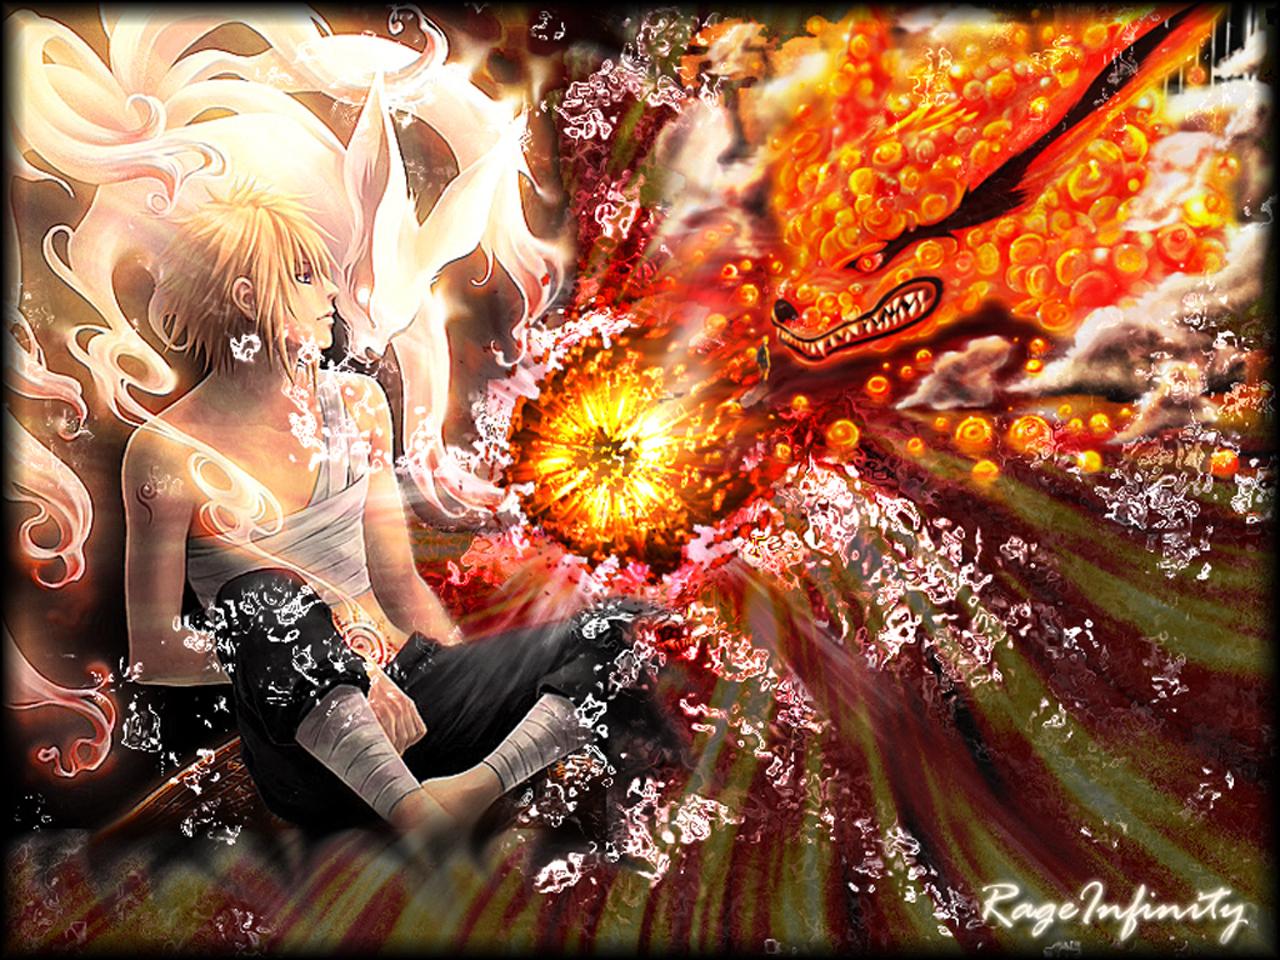 naruto wallpaper naruto wallpaper hd anime wallpaper naruto wallpapers 1280x960